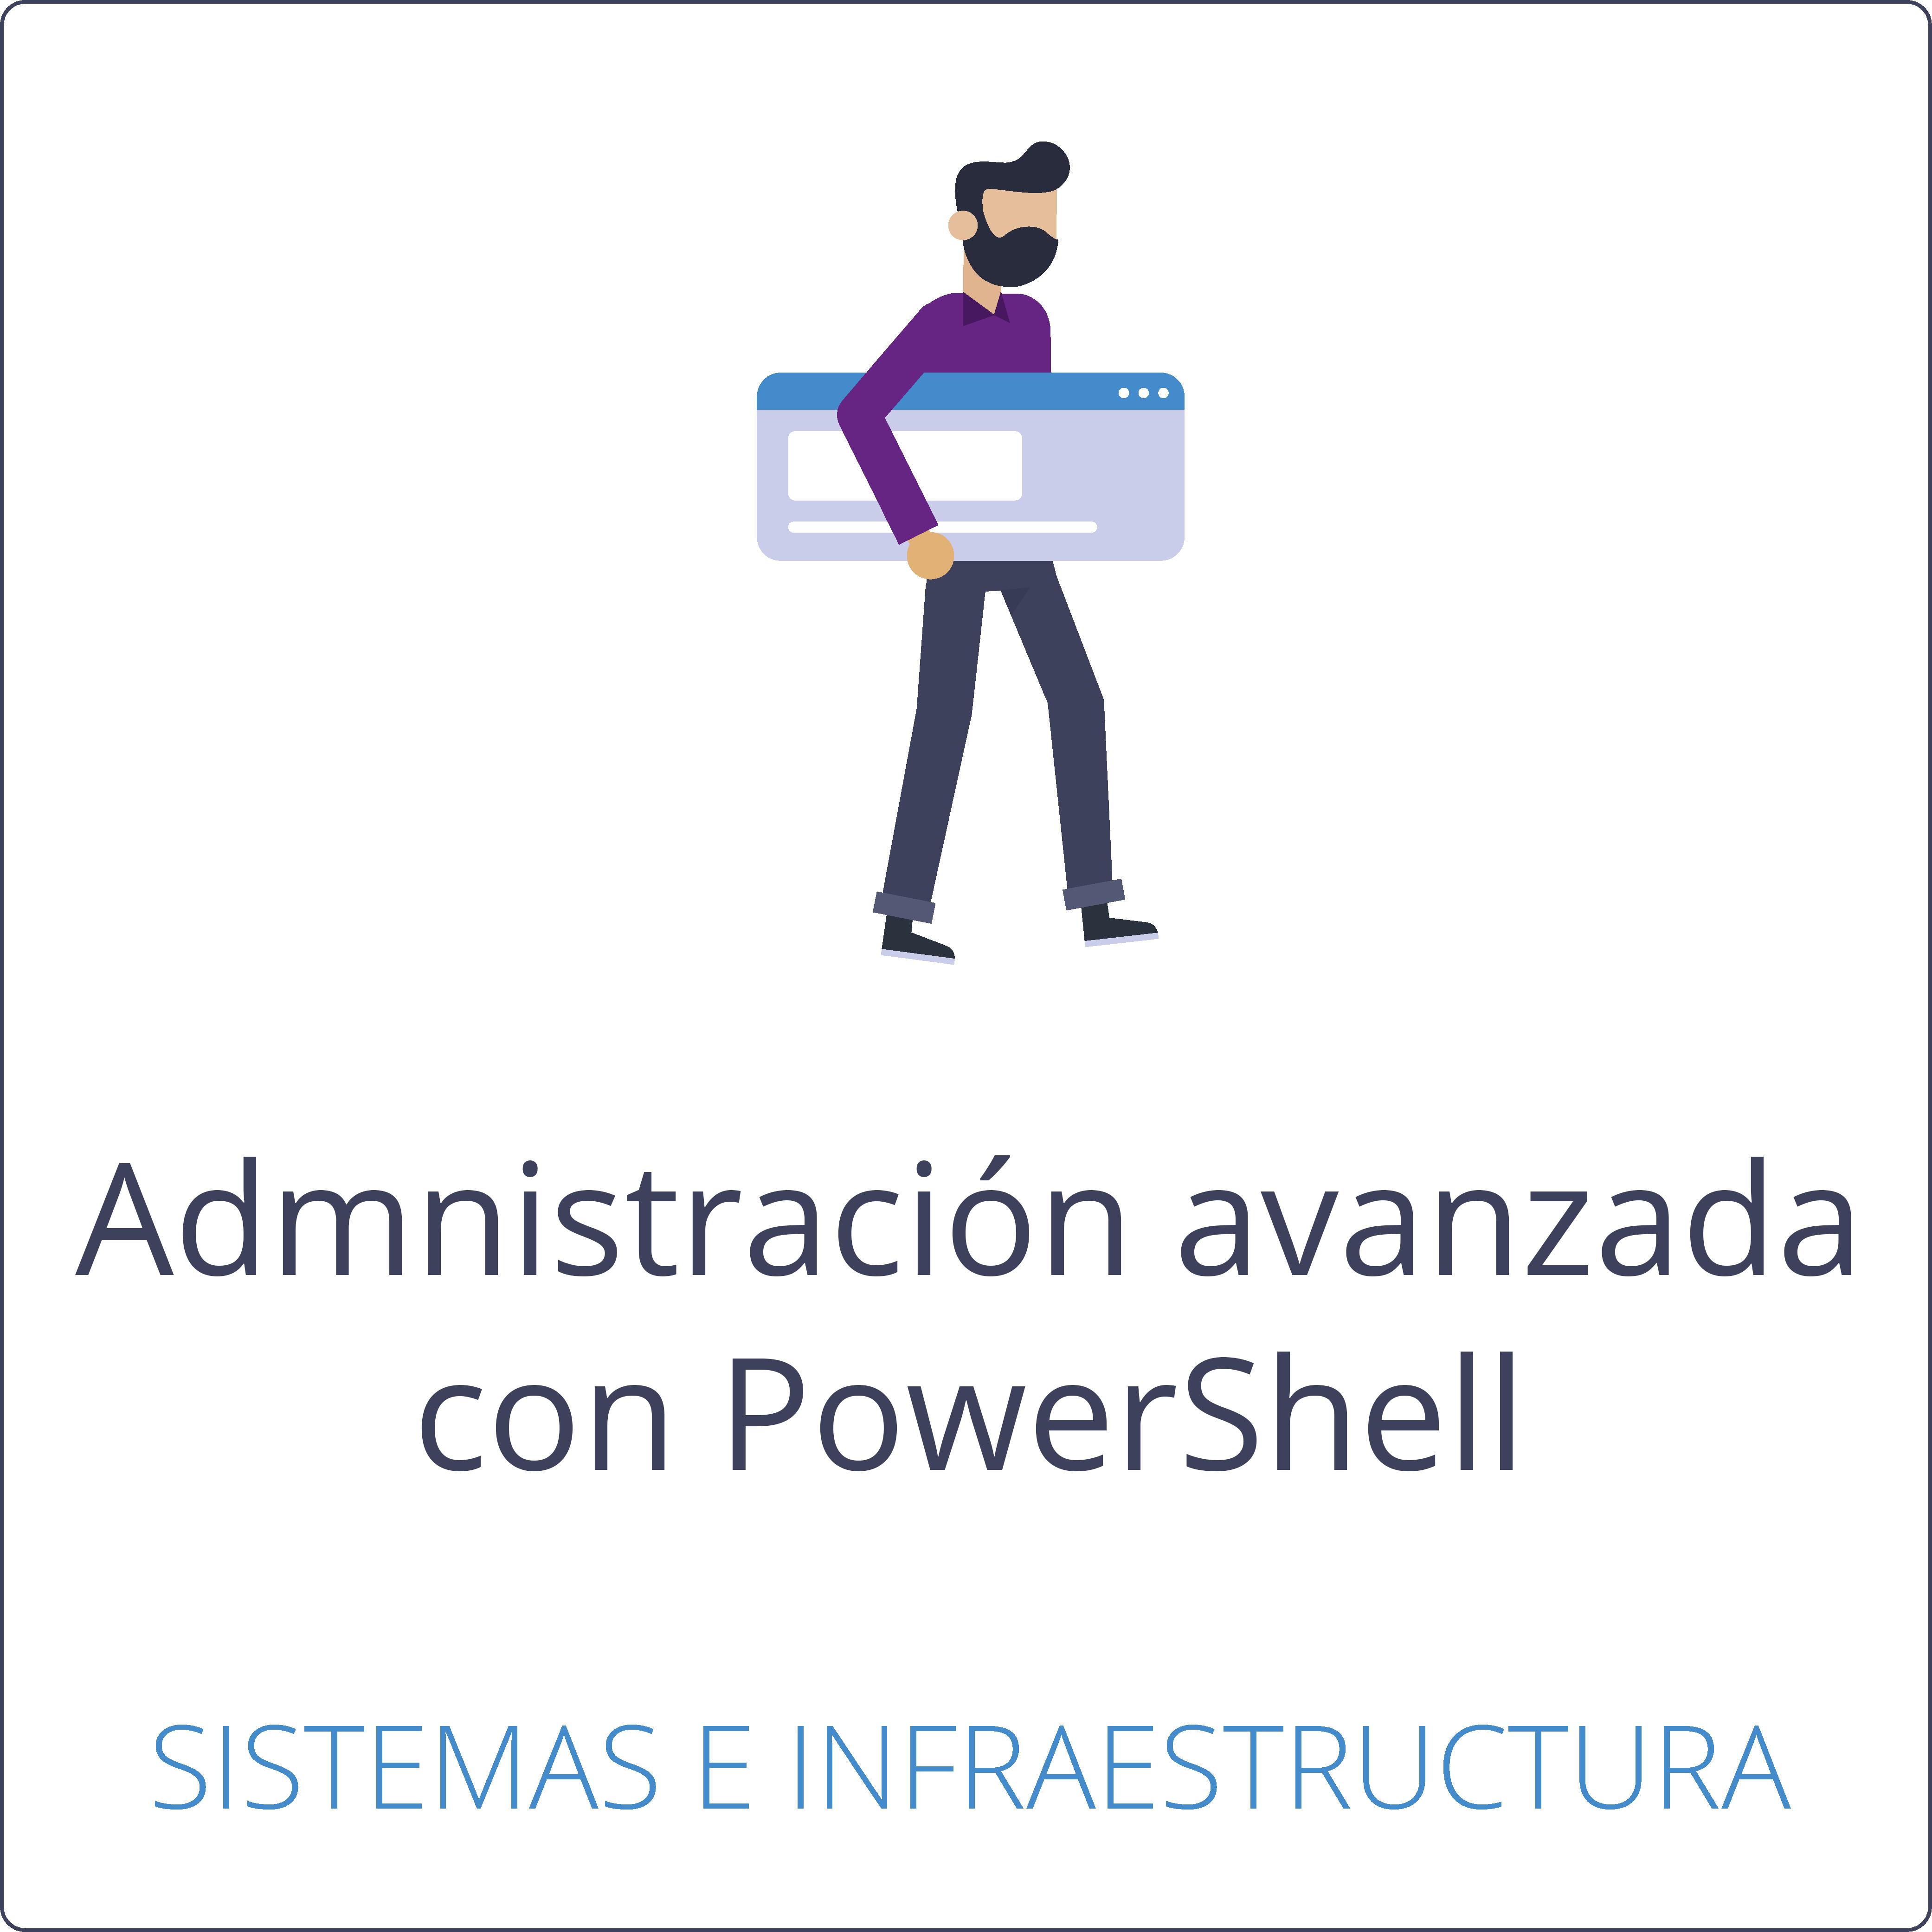 Administración avanzada con PowerShell